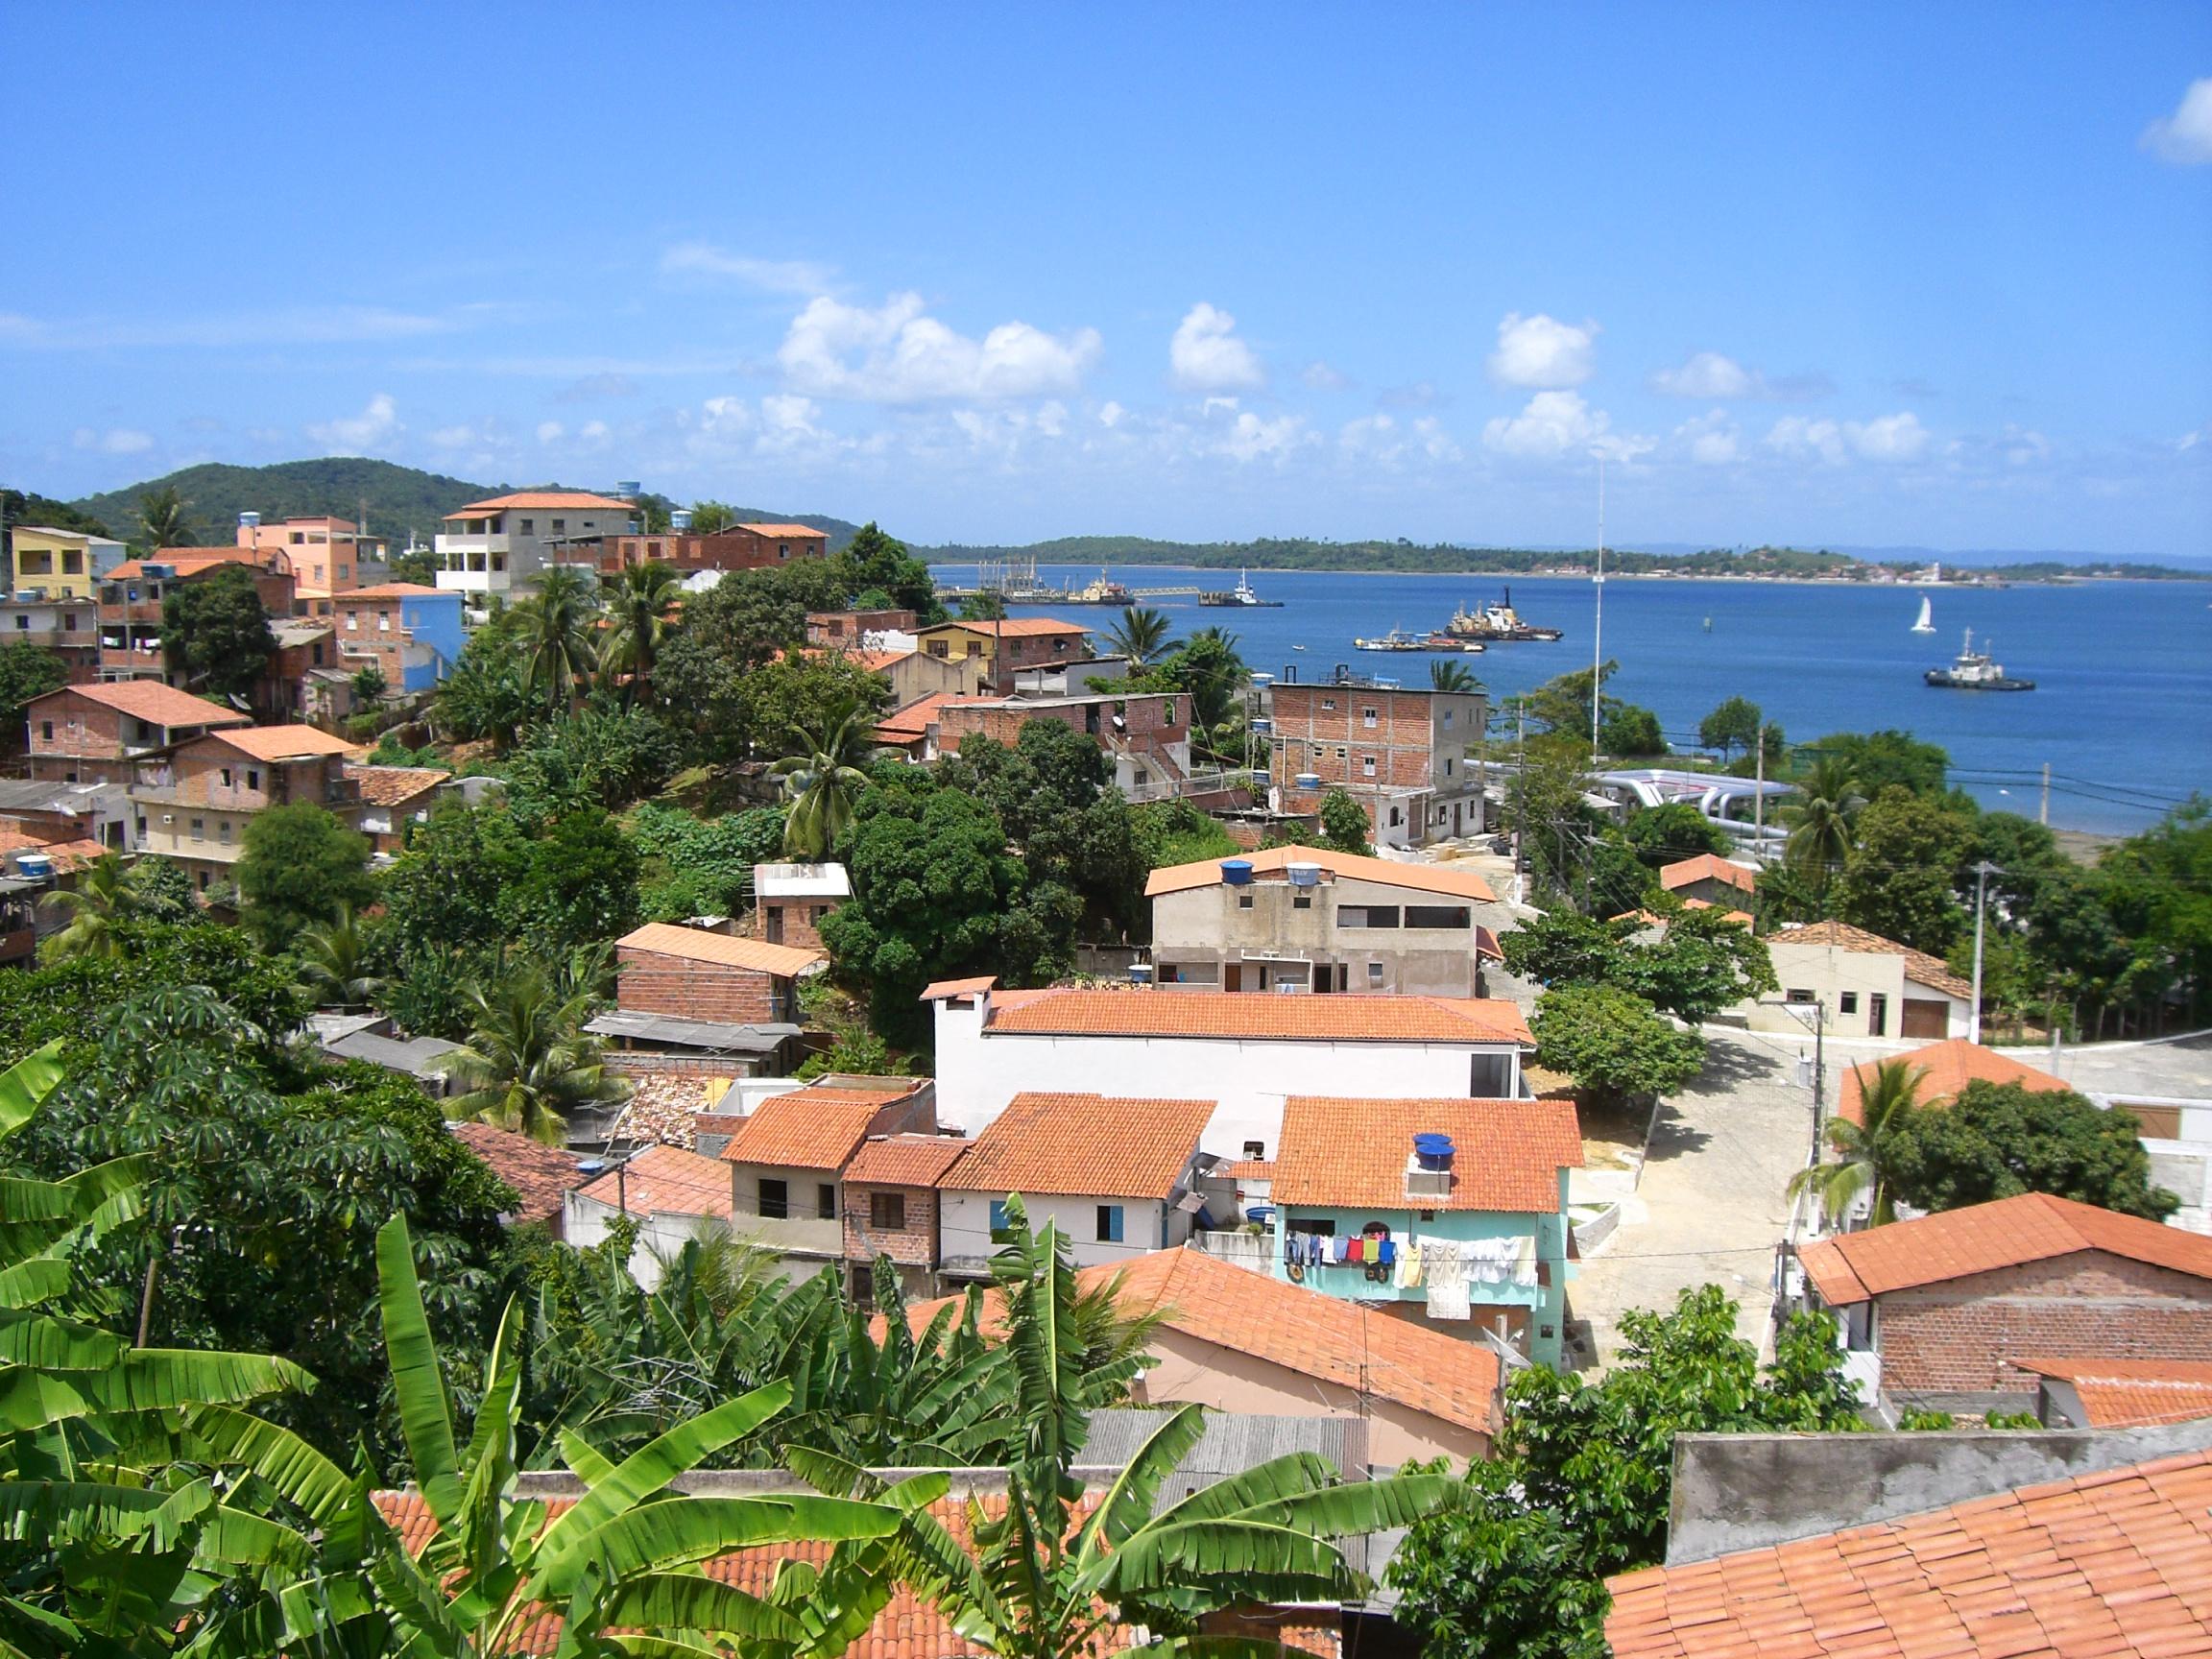 Guia de Turismo de Madre de Deus na Bahia